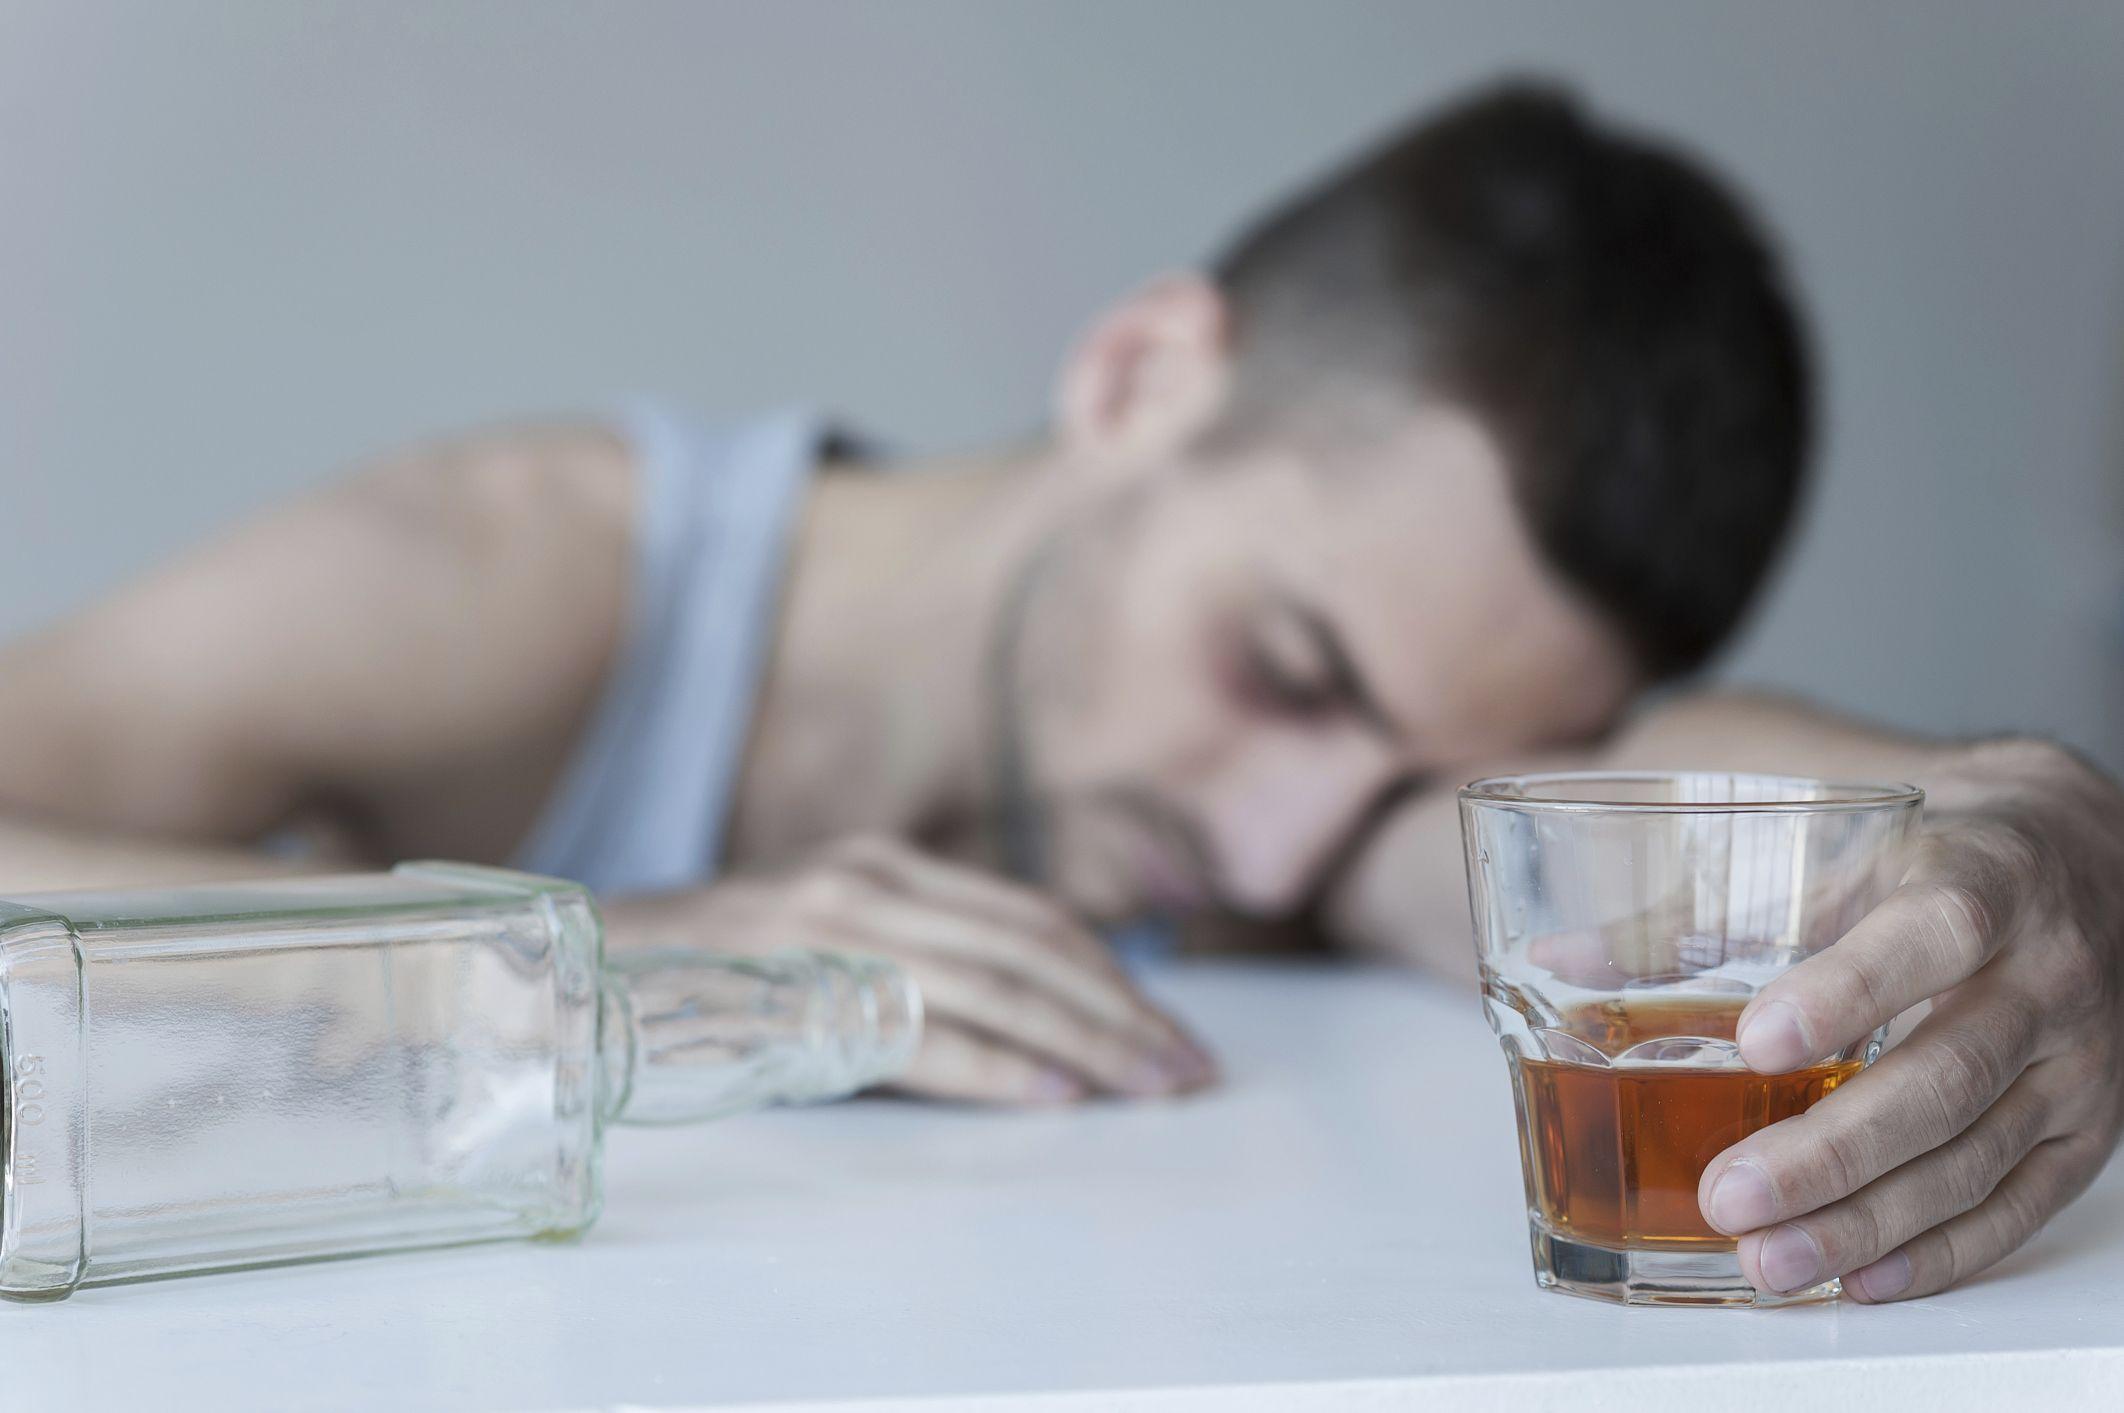 Хронический алкоголизм и механизм действия